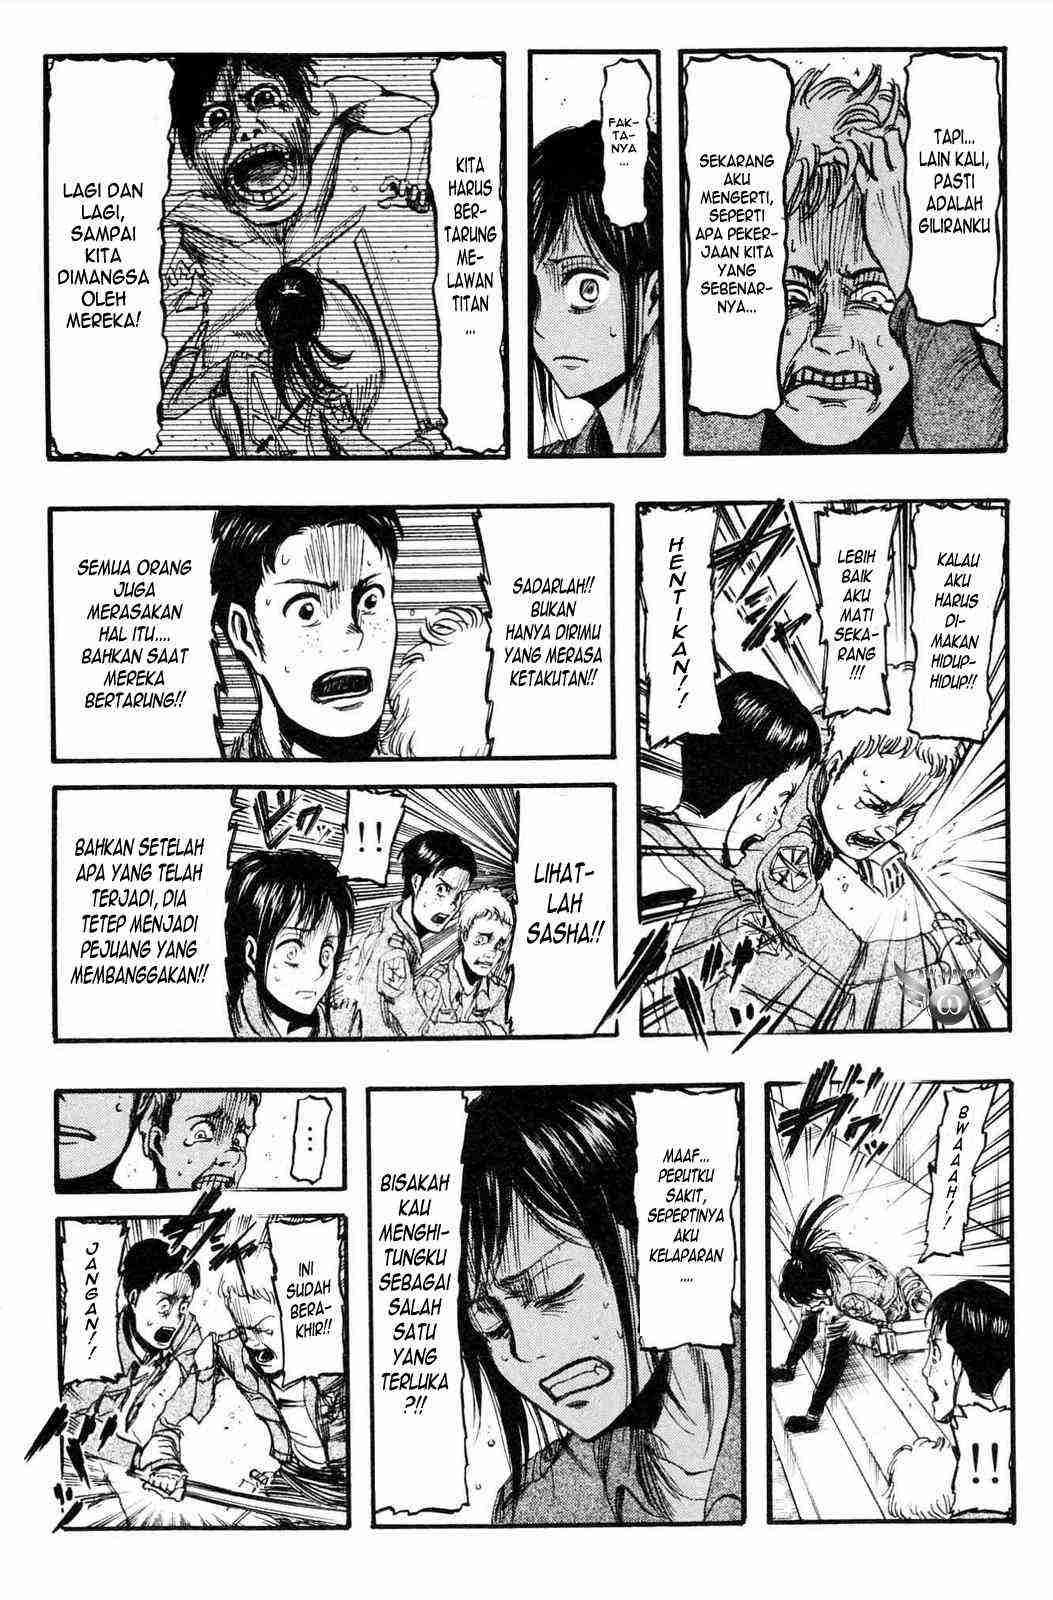 Komik shingeki no kyojin 011 12 Indonesia shingeki no kyojin 011 Terbaru 9|Baca Manga Komik Indonesia|